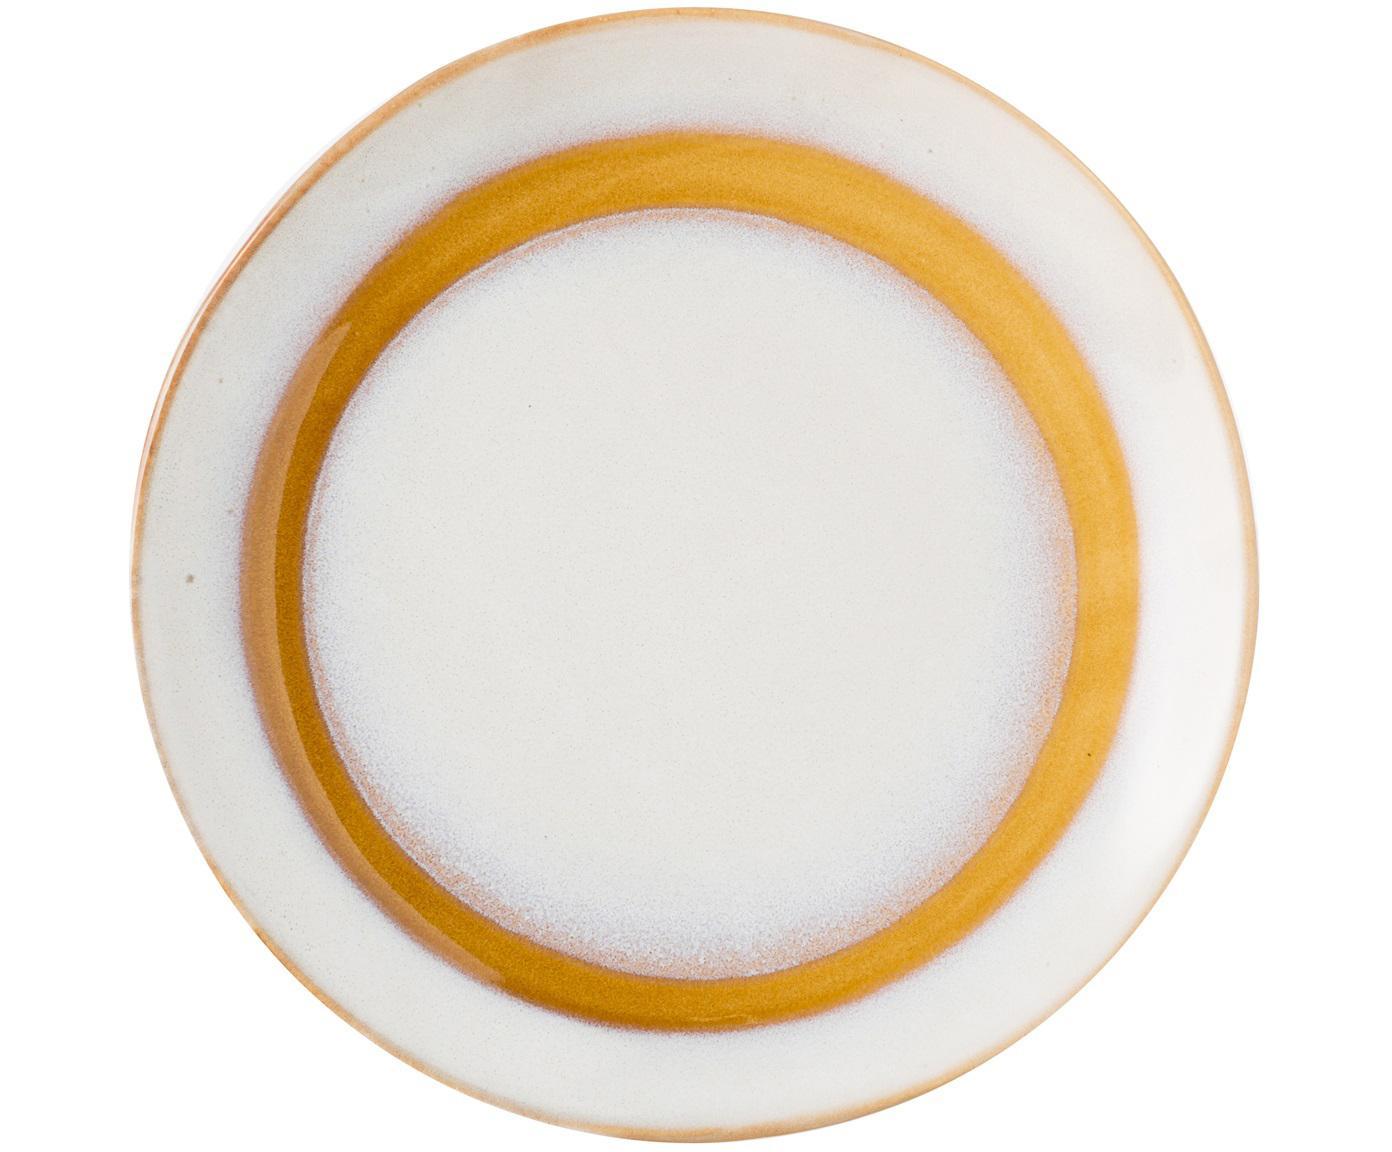 Fatto a mano piatti da dessert 70's, 2 pz, Ceramica, Bianco, arancio, Ø 18 cm